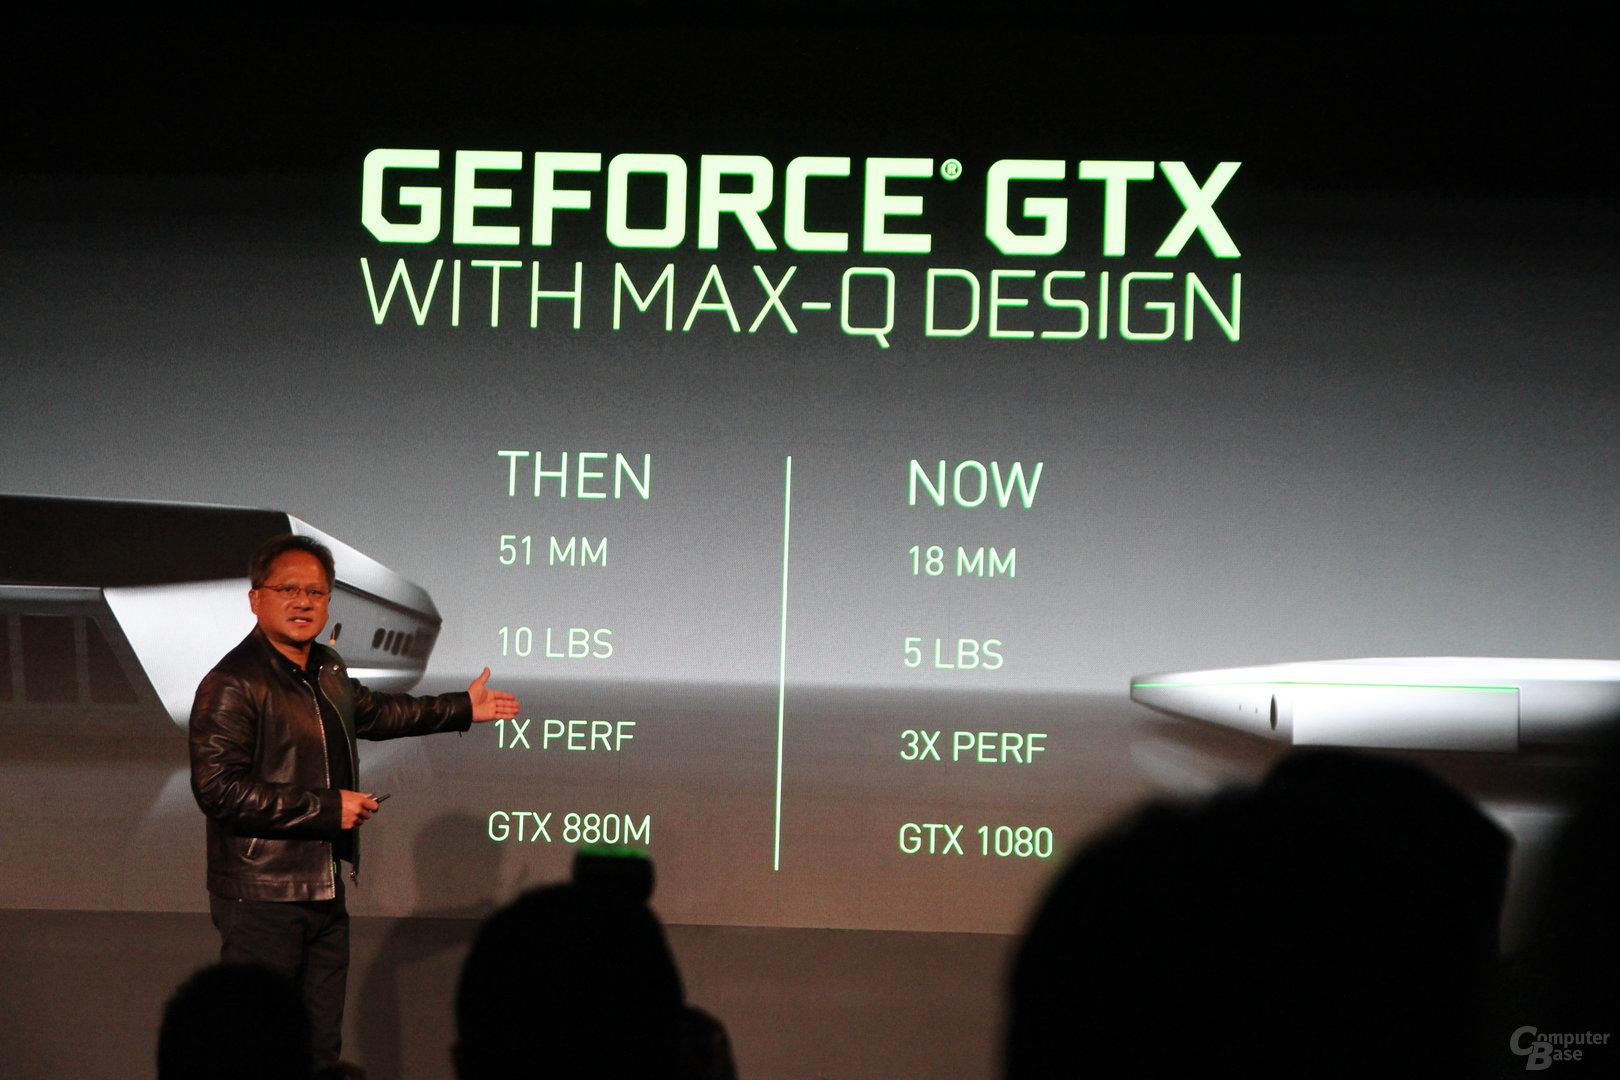 Nvidia GeForce GTX Max-Q Design